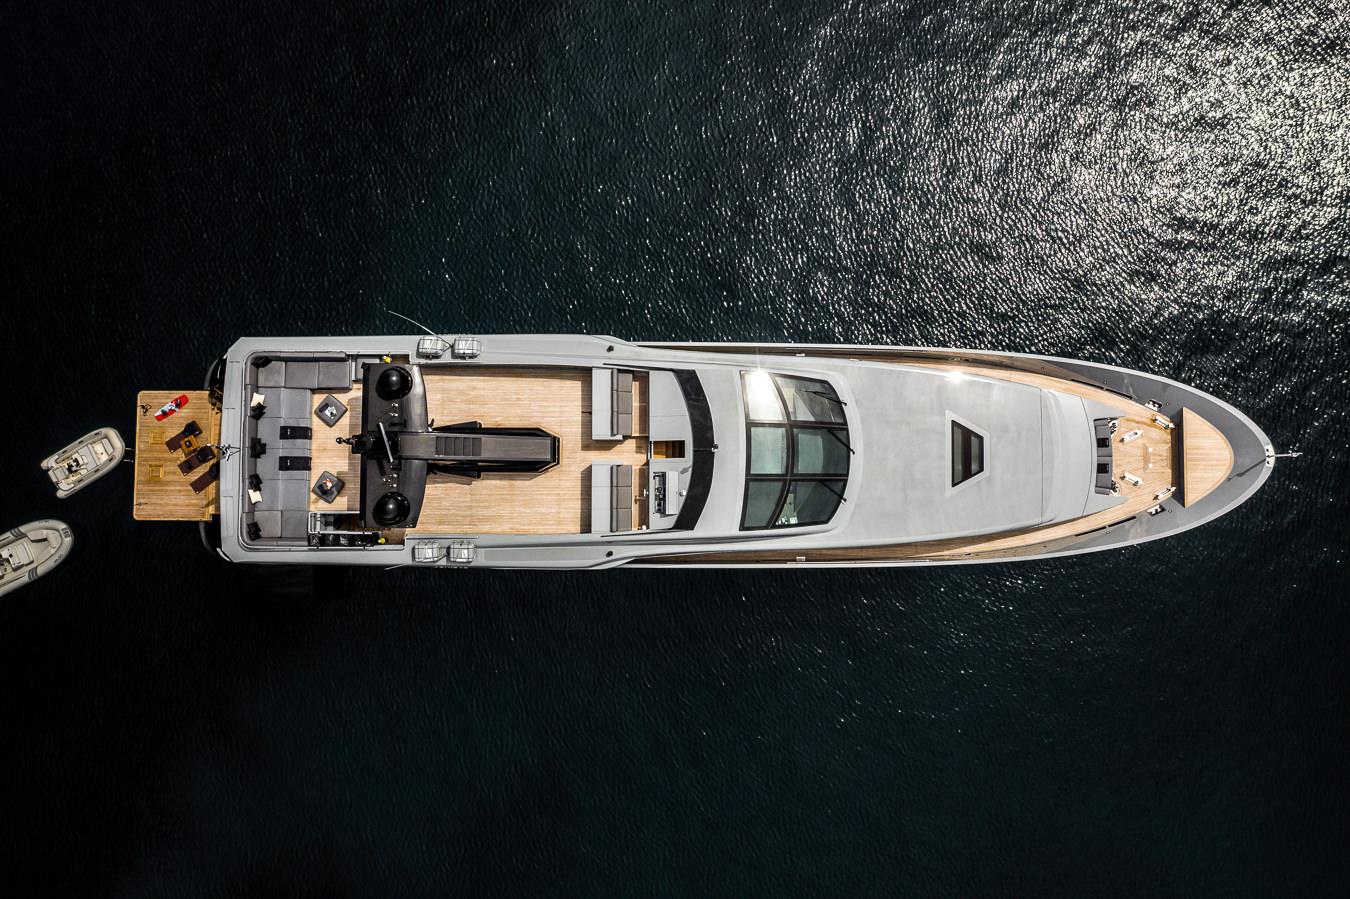 Mado, Yacht, Γιώργος Φάκαρος - Αρχιτεκτονική Φωτογραφία | Εσωτερικοί Χώροι | Φωτογραφία Ξενοδοχειών - Photography / Φωτογραφία